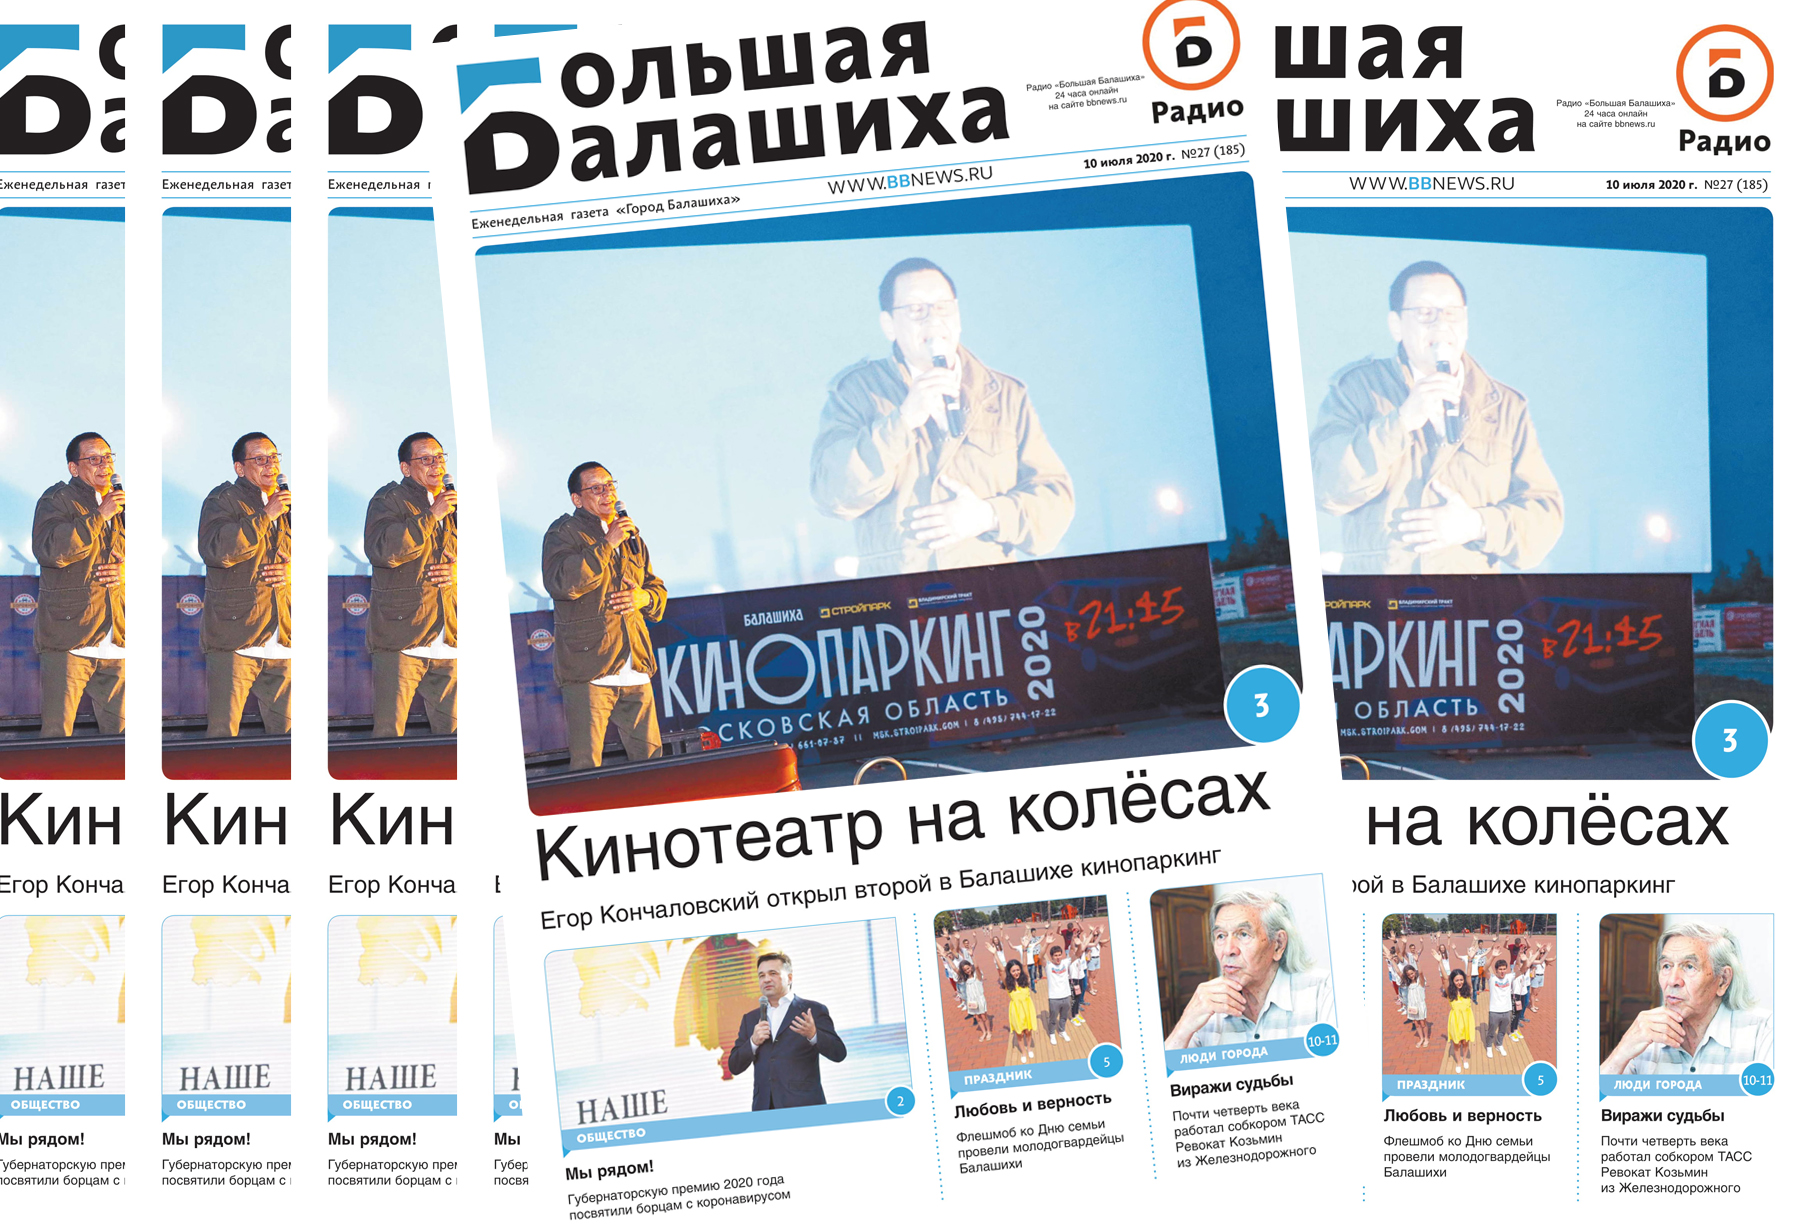 Вышла газета «Город Балашиха» №27 (185)